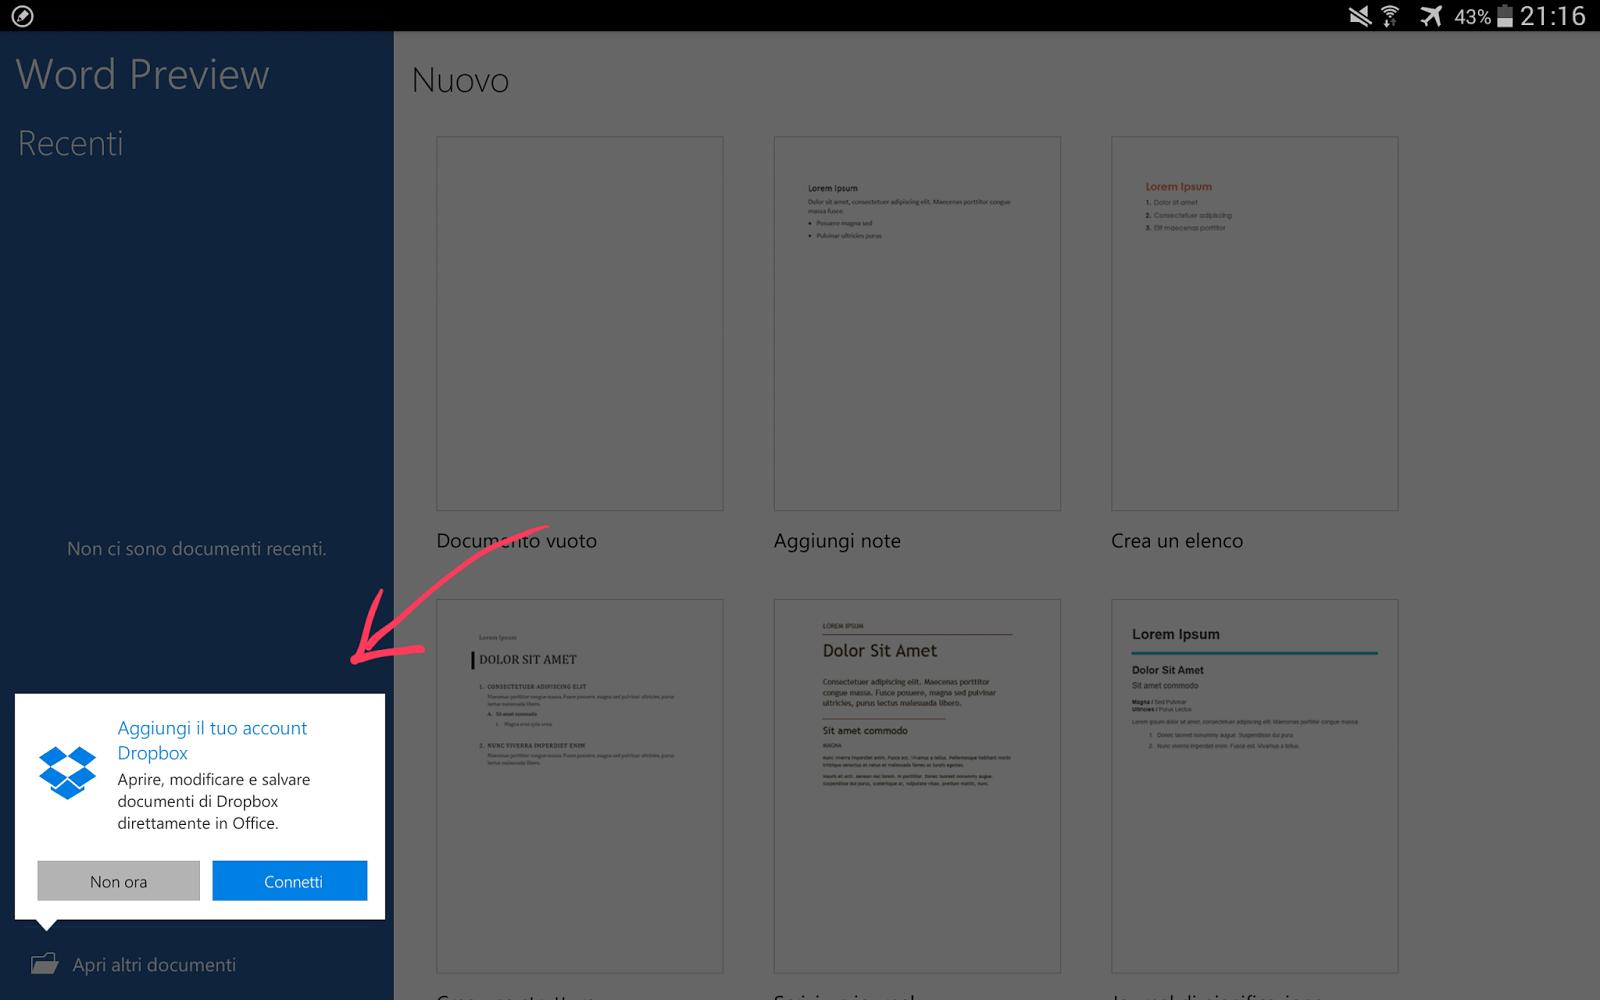 schermata di word per tablet in cui si puo' effettuare login in proprio account Dropbox